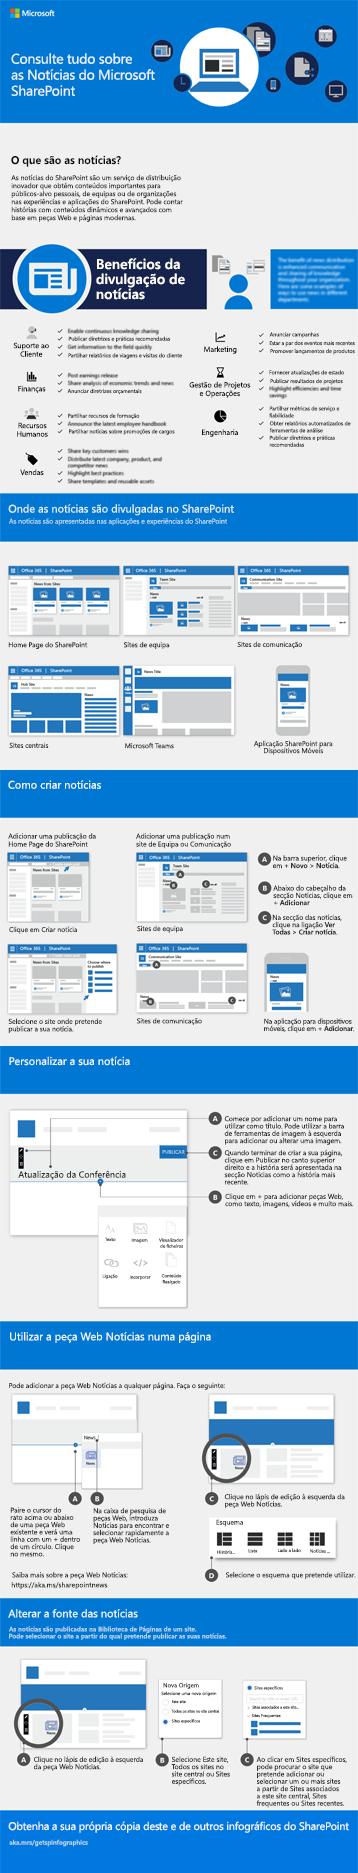 Infográfico de Notícias do SharePoint